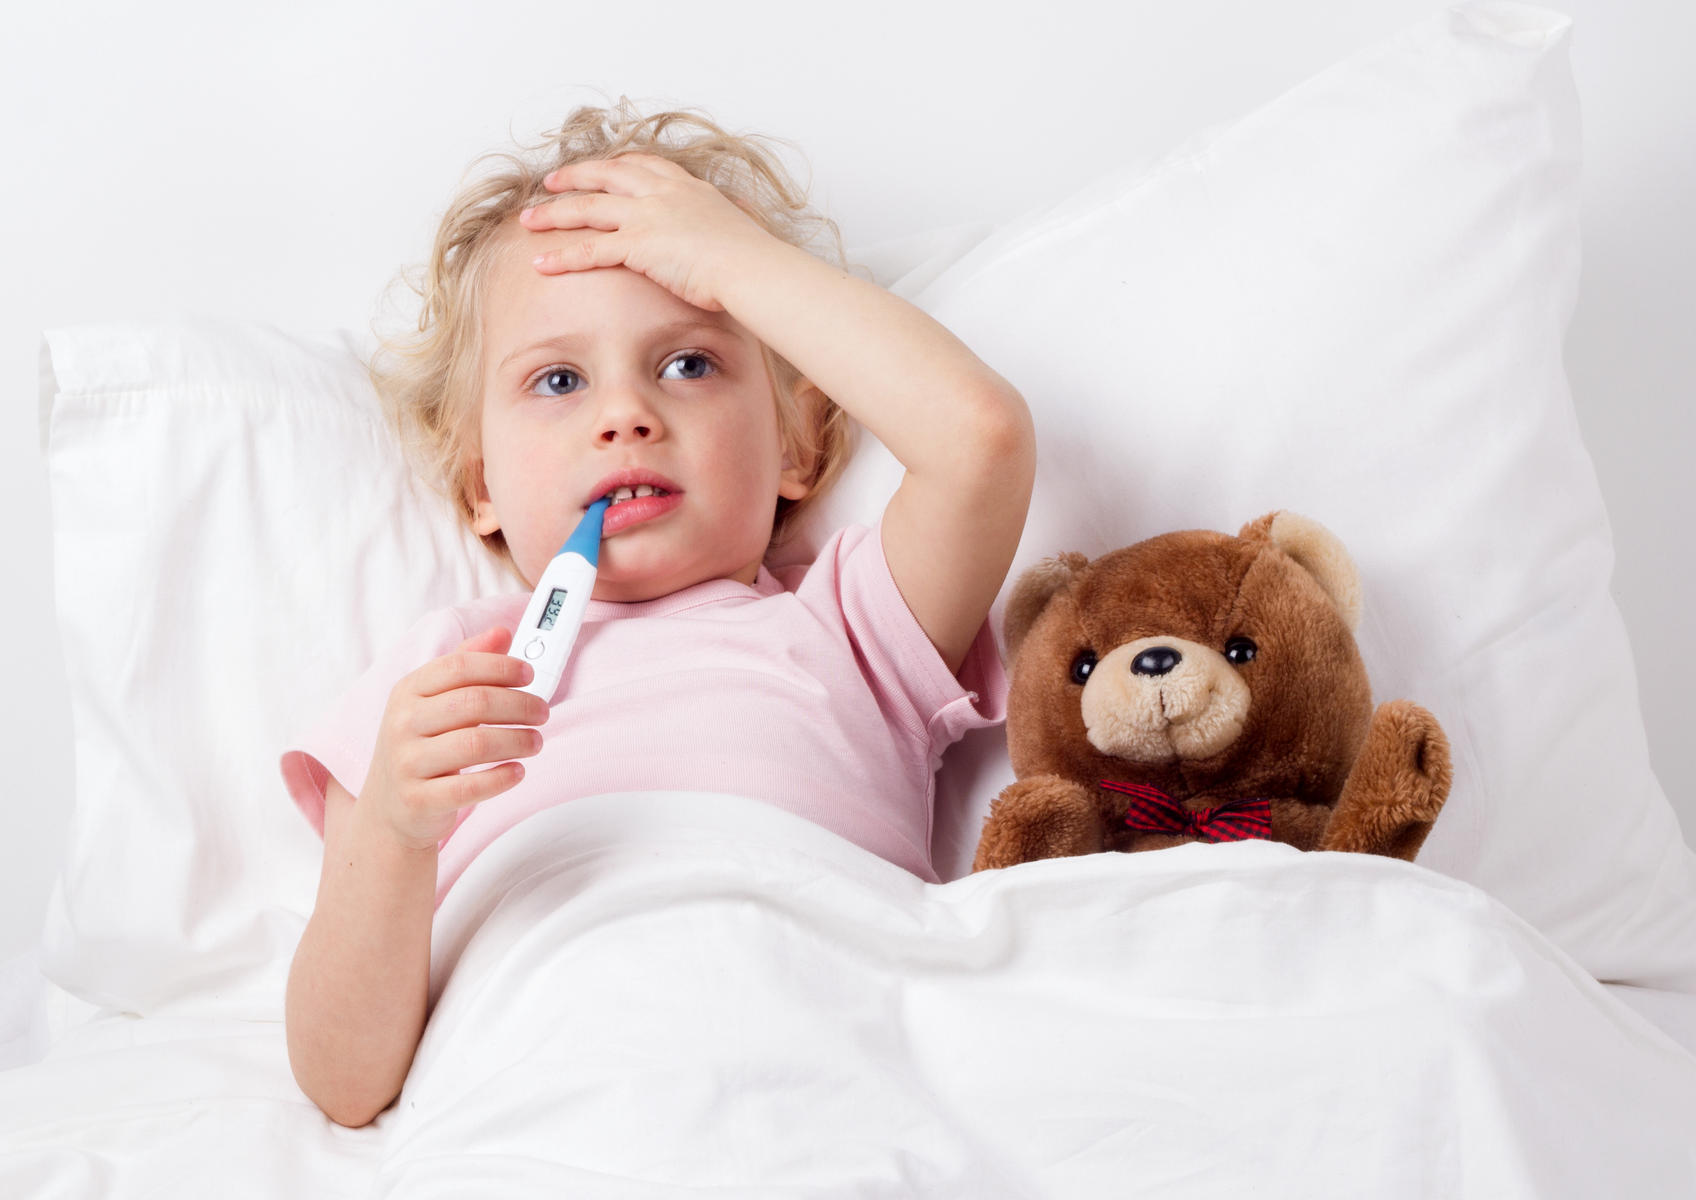 Высокая температура – сигнал о необходимости вызвать врача